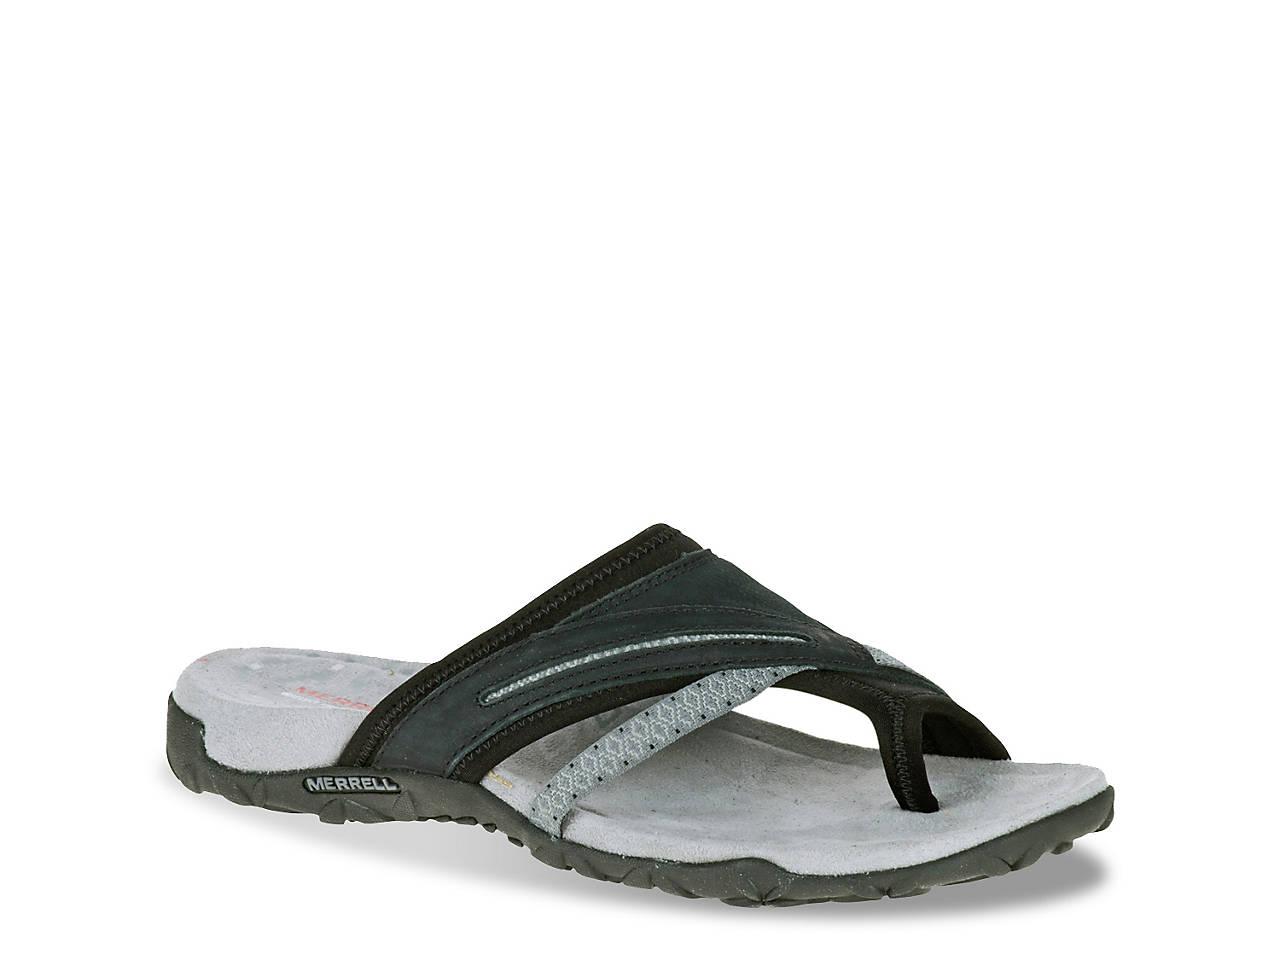 Merrell Terran Post Women's Wedge Heels Sandals 5849